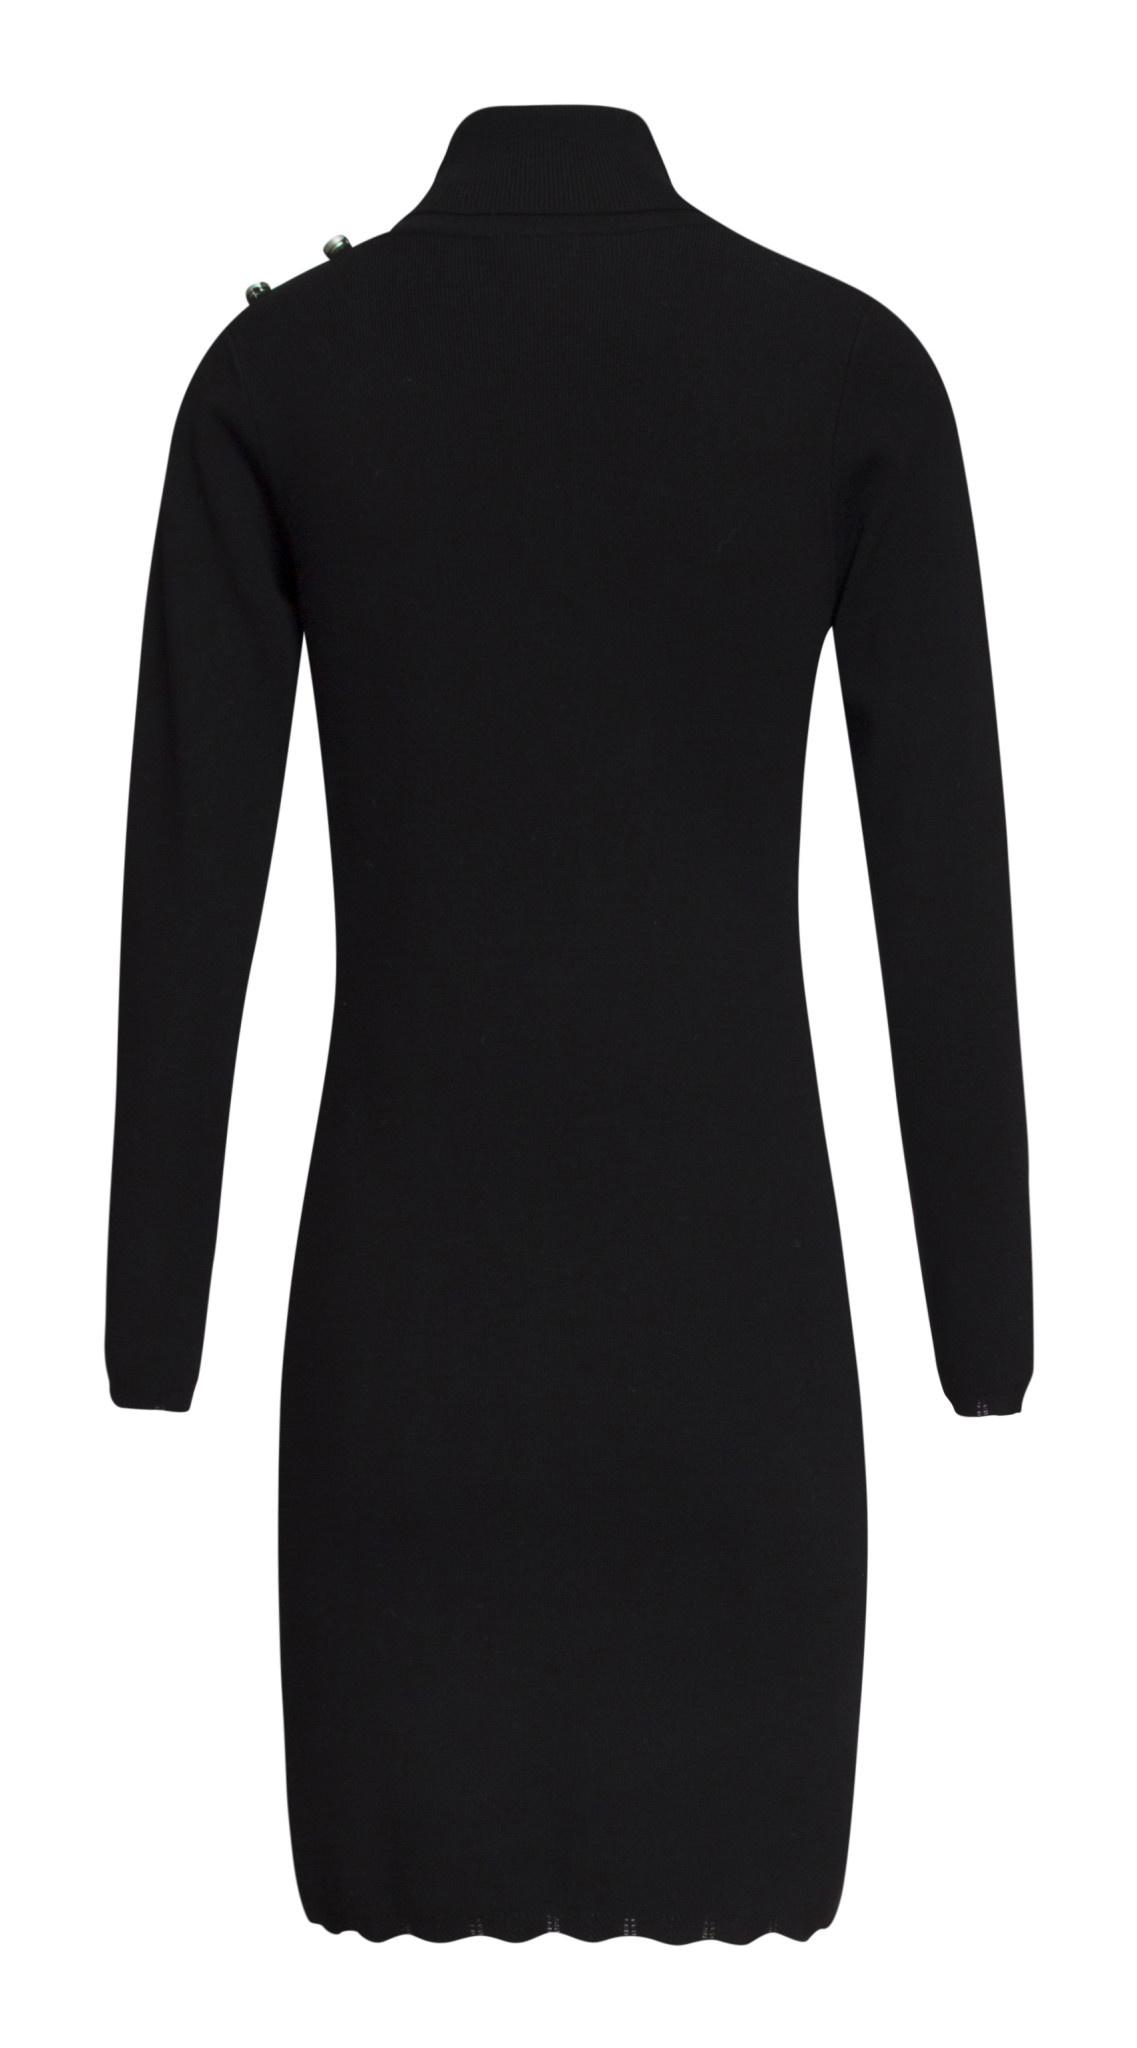 Knit Dress - Black